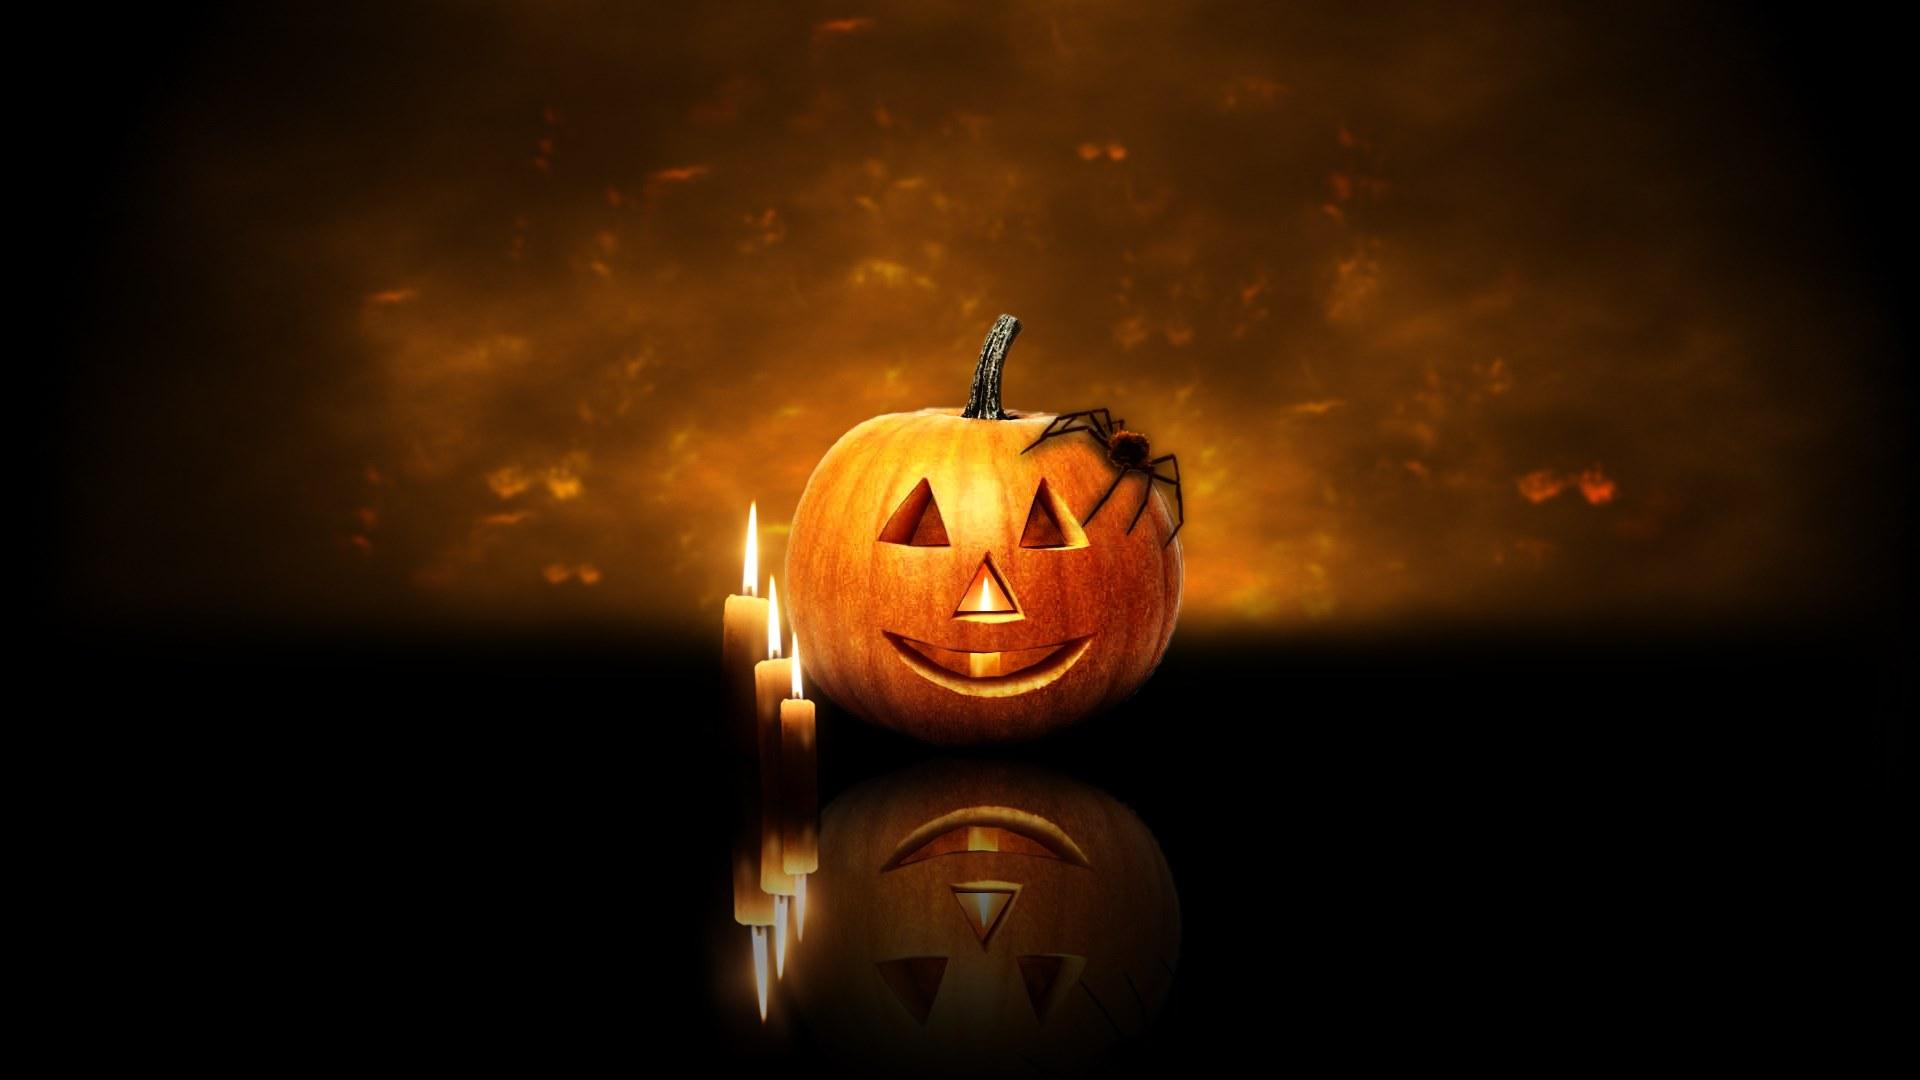 Good Wallpaper Halloween Spider - download-wallpaper-halloween-pumpkin-spider-candles  Gallery_233415.jpg